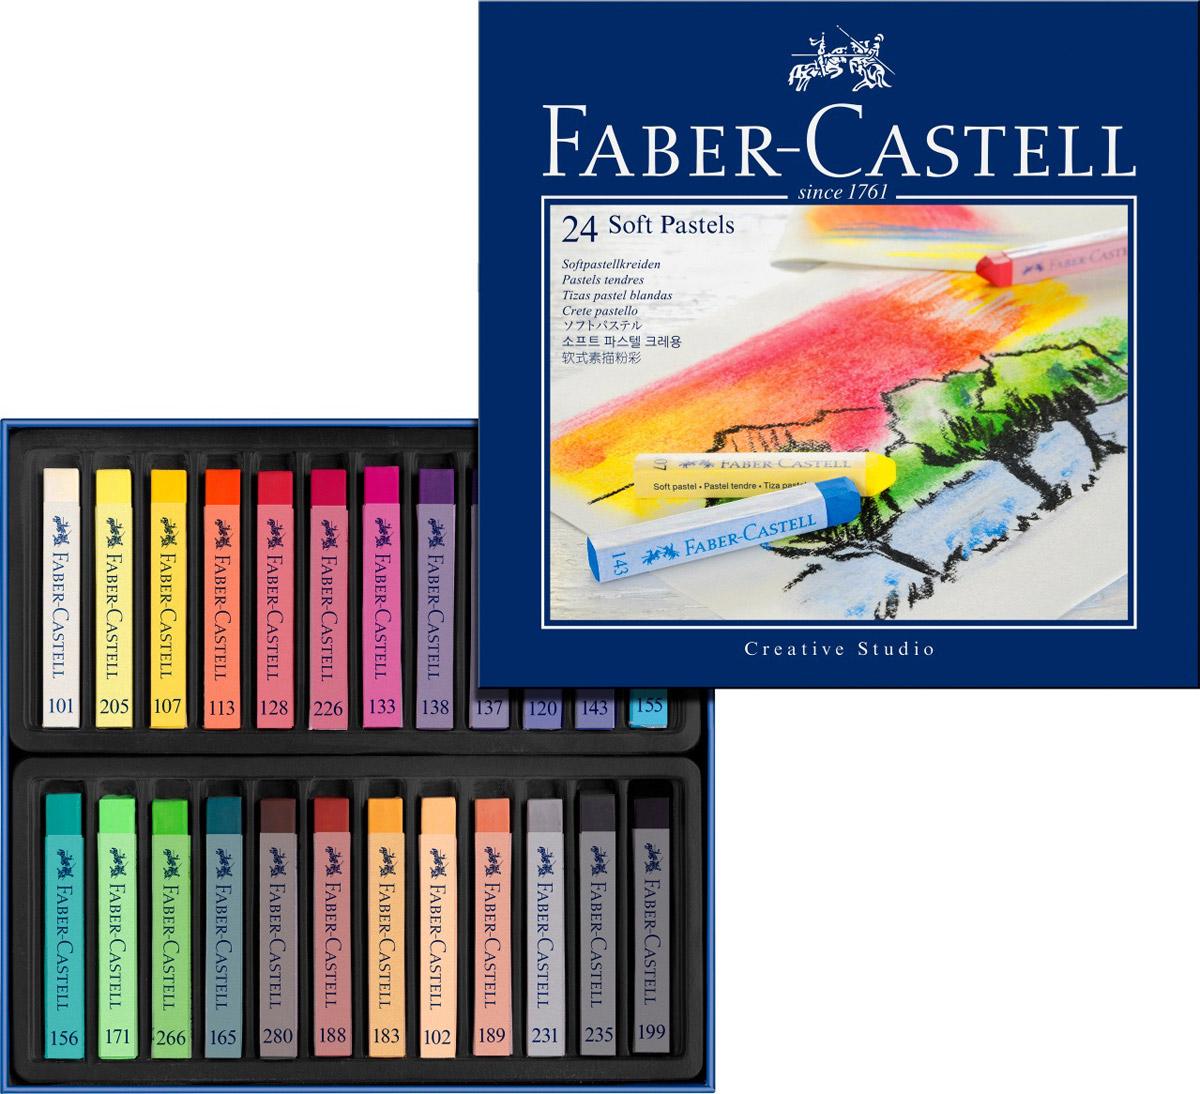 Мягкие мелки Faber-Castell Studio Quality Soft Pastels, 24 шт128324Набор Faber-Castell Studio Quality Soft Pastels содержит мягкие мелки квадратной формы 24 ярких насыщенных цветов. Каждый мелок обернут в бумажную гильзу. Мелки великолепного качества не крошатся при работе, обладают отличными кроющими свойствами, обеспечивают хорошее сцепление с поверхностью, яркость и долговечность изображения. Мягкими мелками Faber-Castell Studio Quality Soft Pastels можно рисовать в любой технике, сочетая их с цветными карандашами и красками.